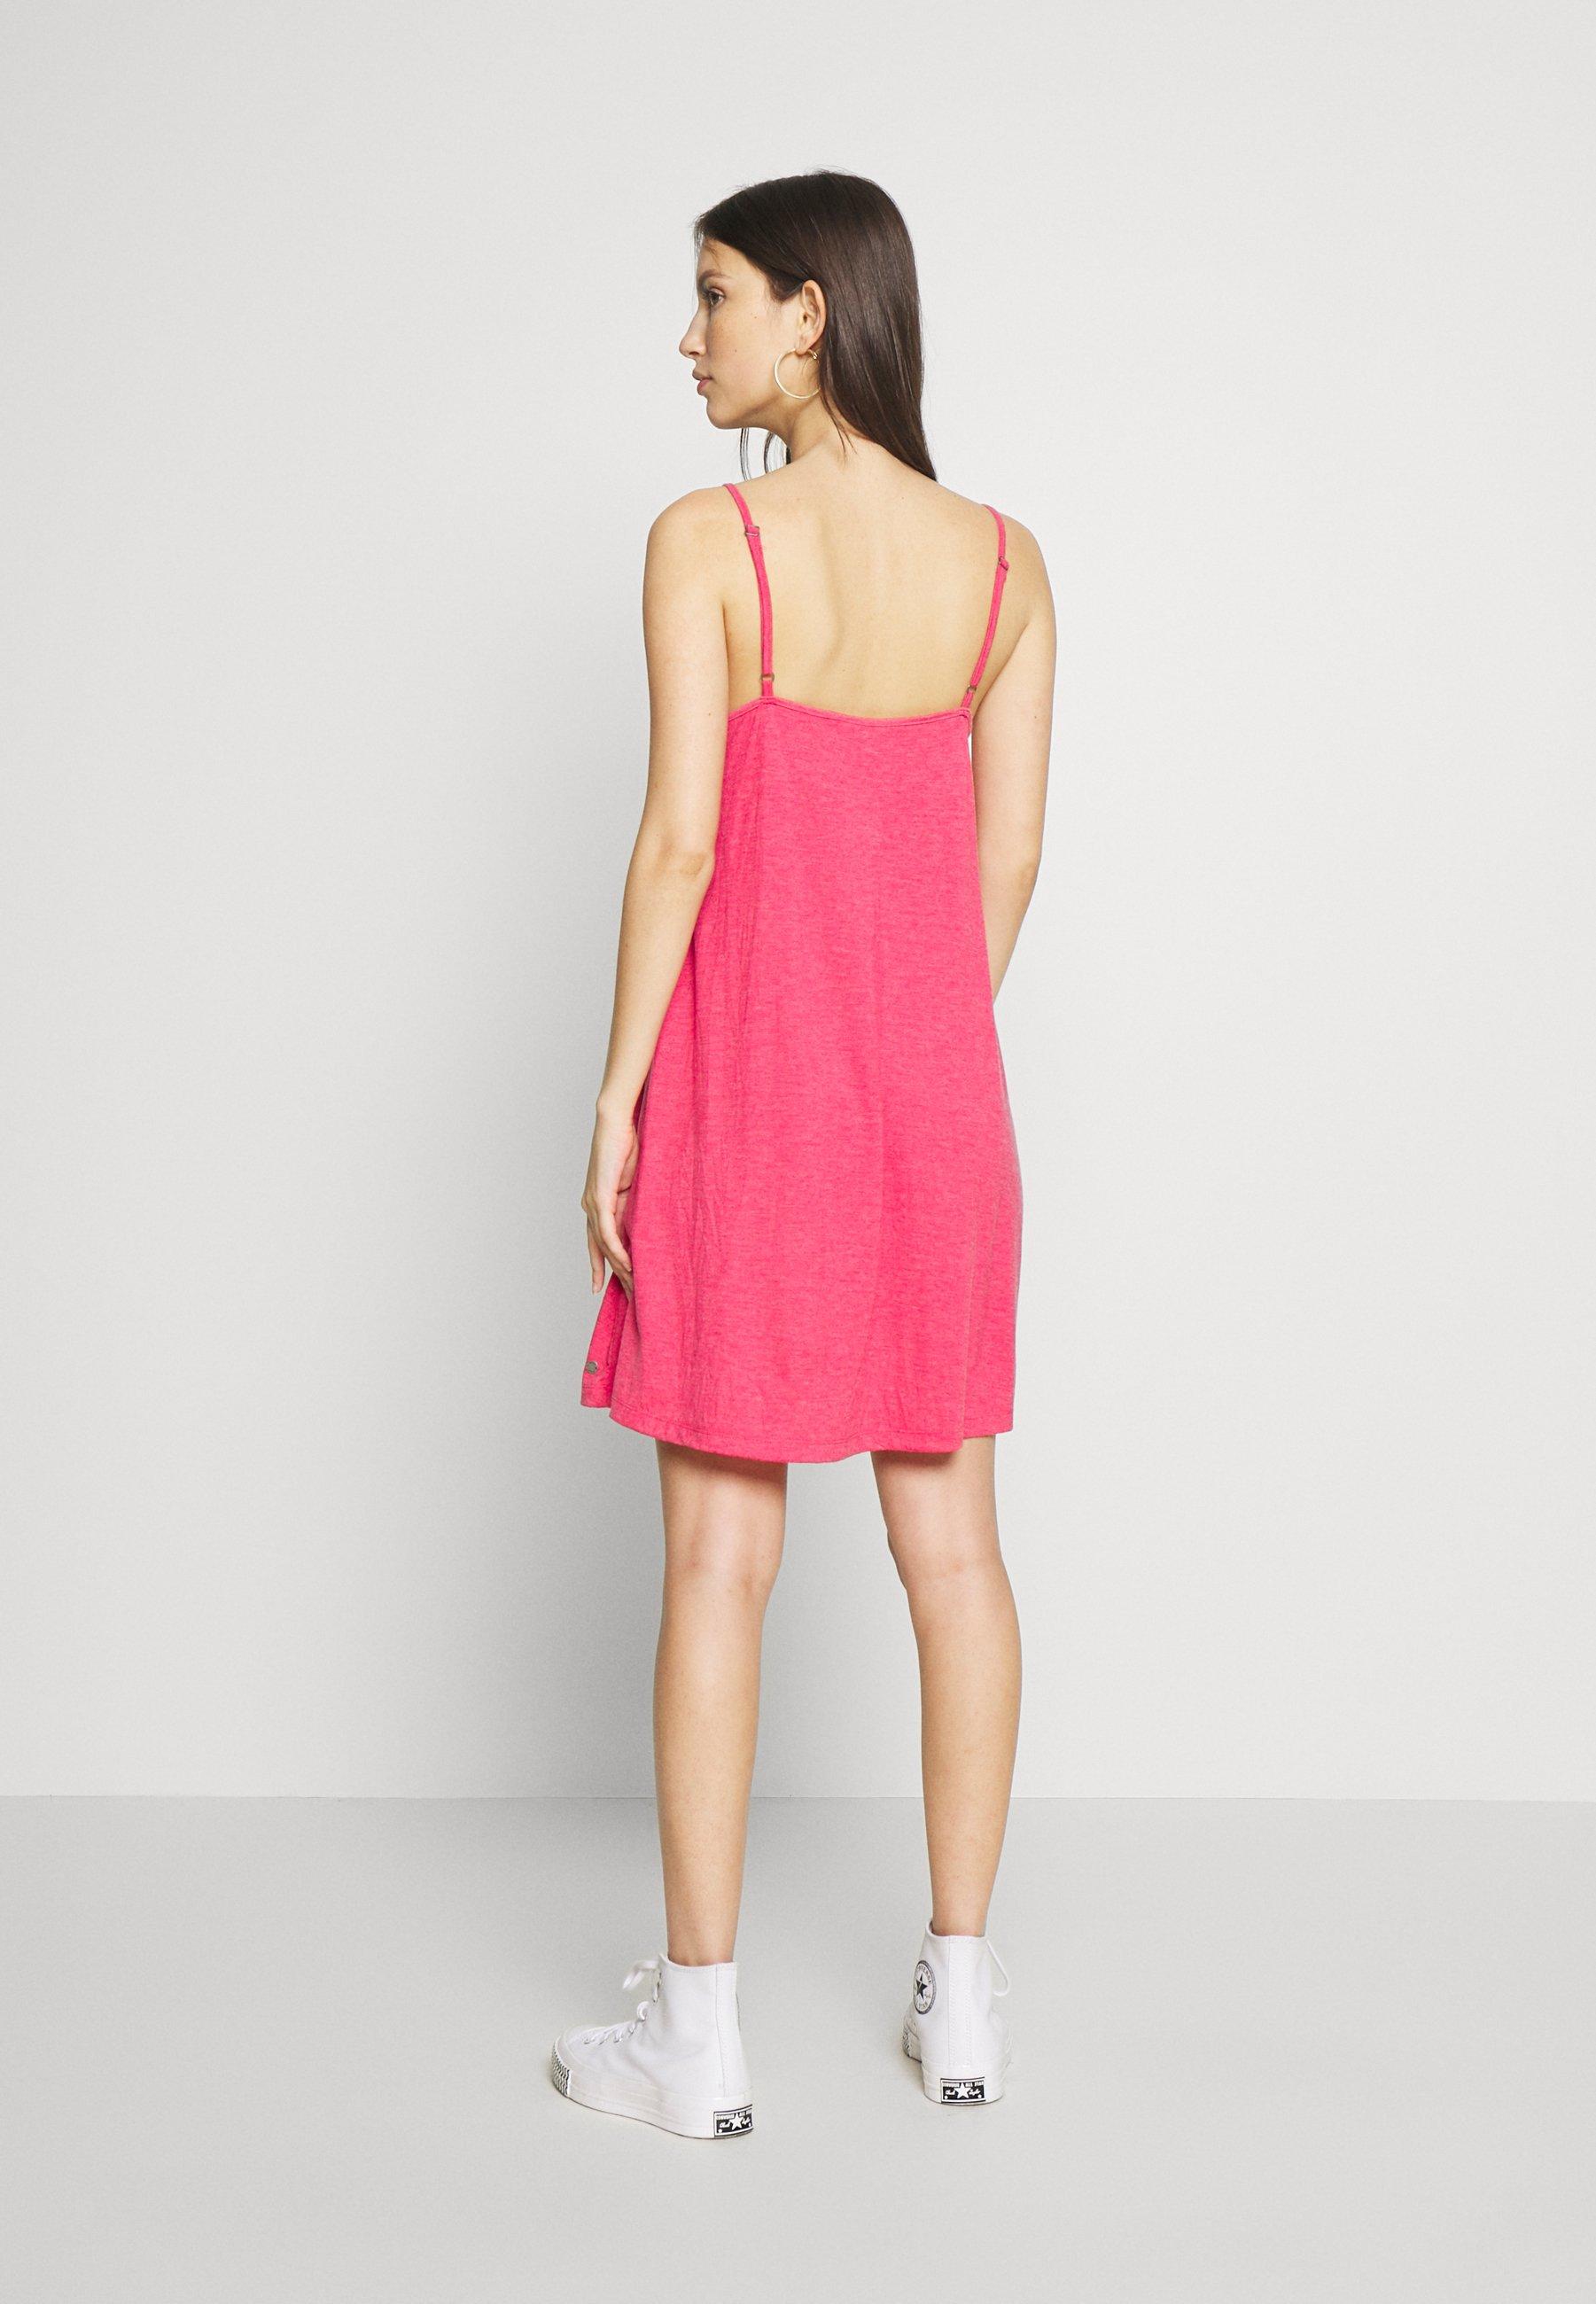 Kleider Sommerkleid Damen ROXY RARE FEELING Kleid 2020 canton Damenmode